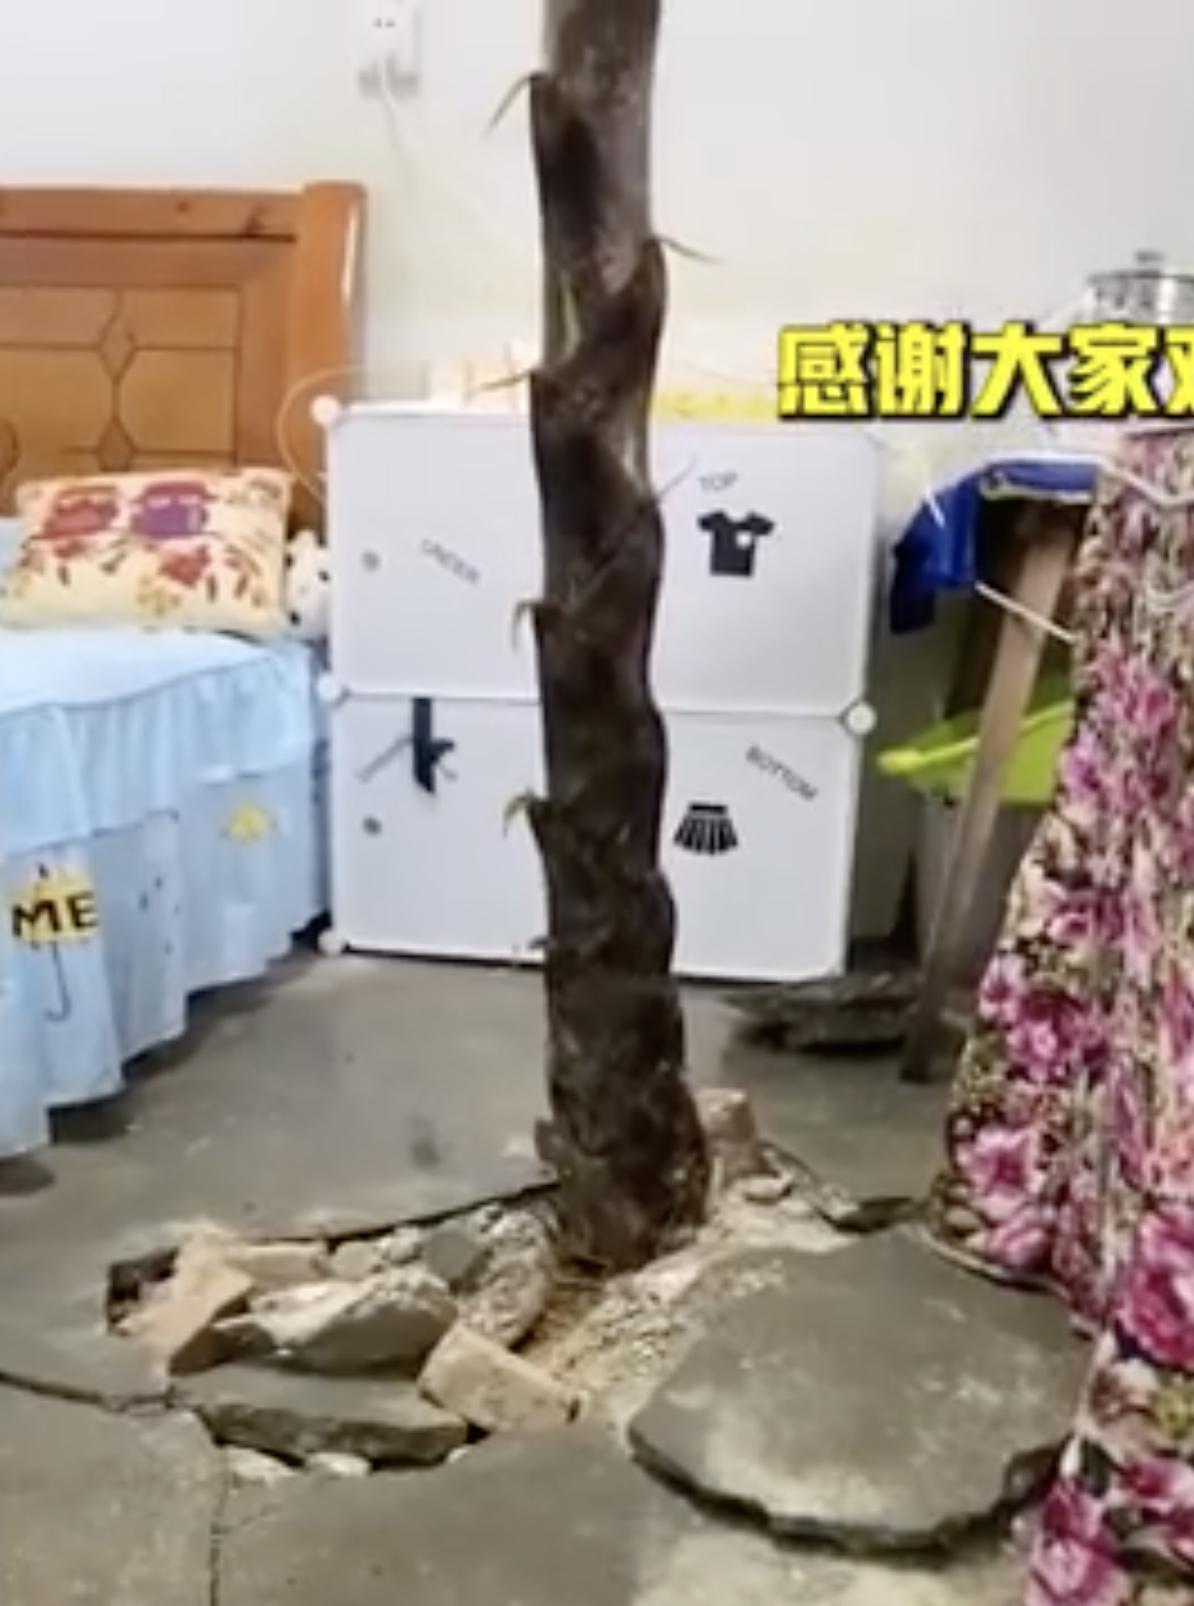 大陸一所小學教師宿舍有根竹筍衝破水泥地冒出。(翻攝自漩渦視頻)